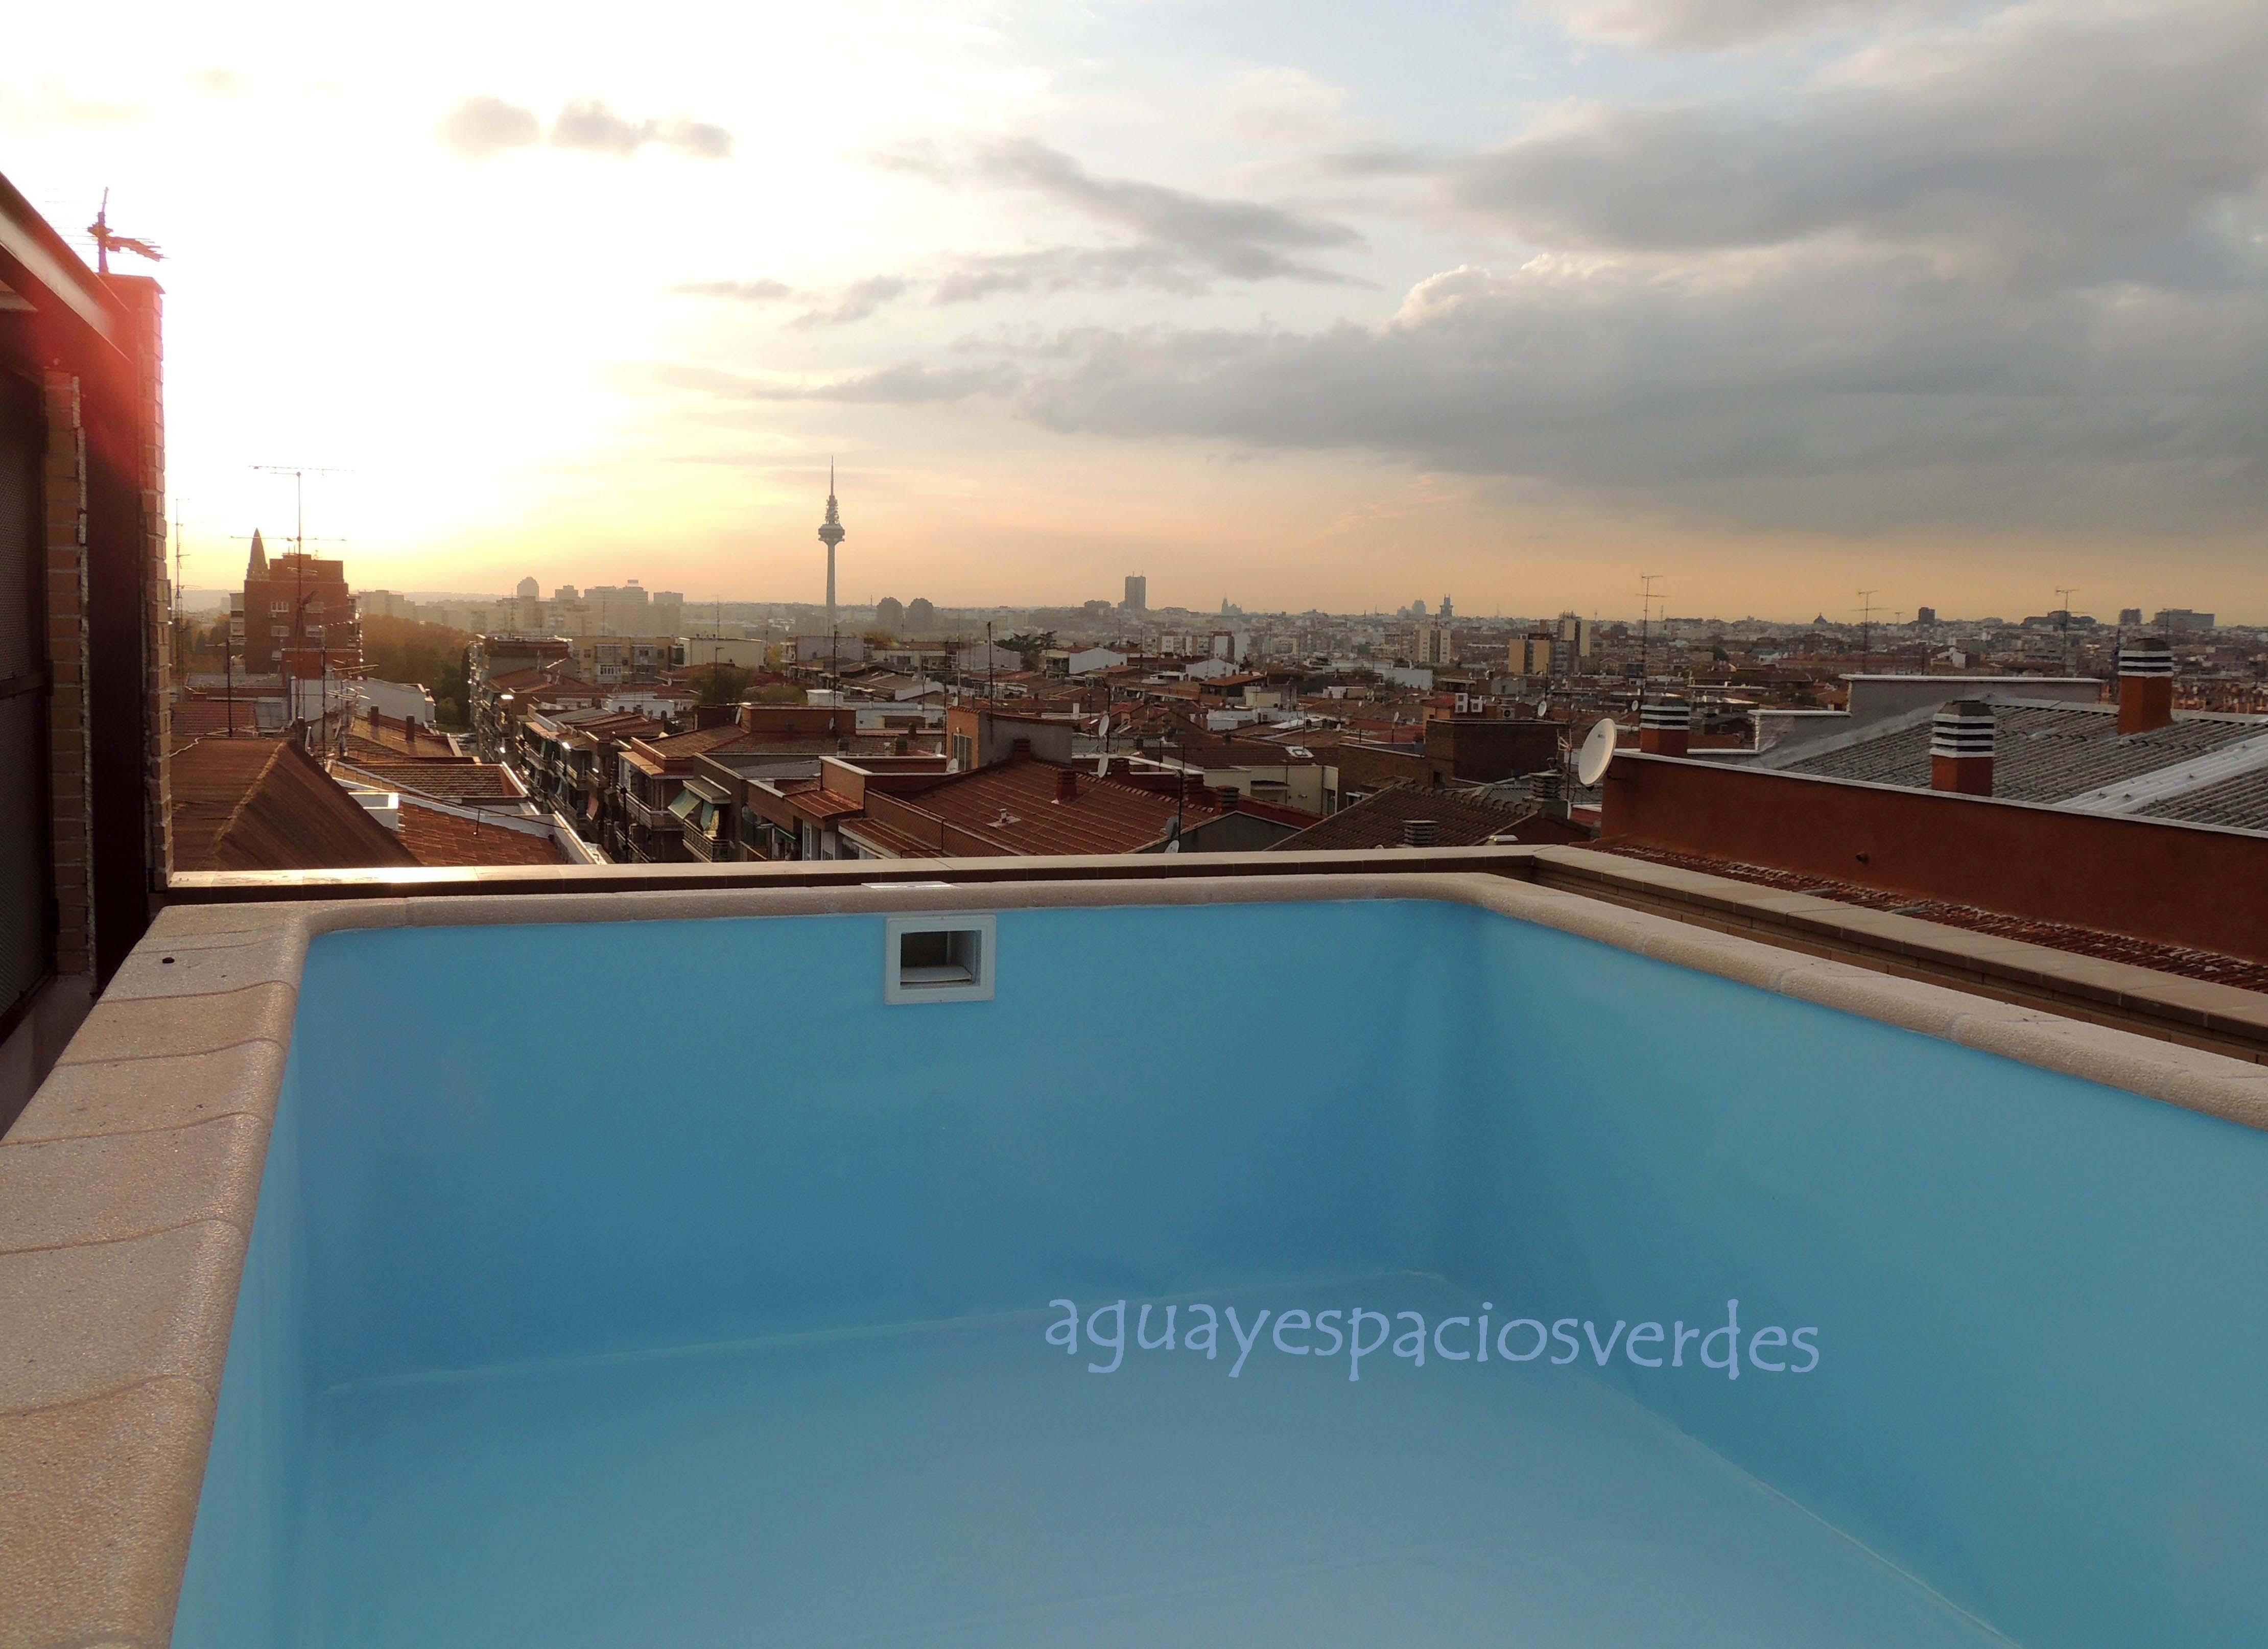 Siete piscinas privadas que te impresionar n - Piscinas en aticos ...